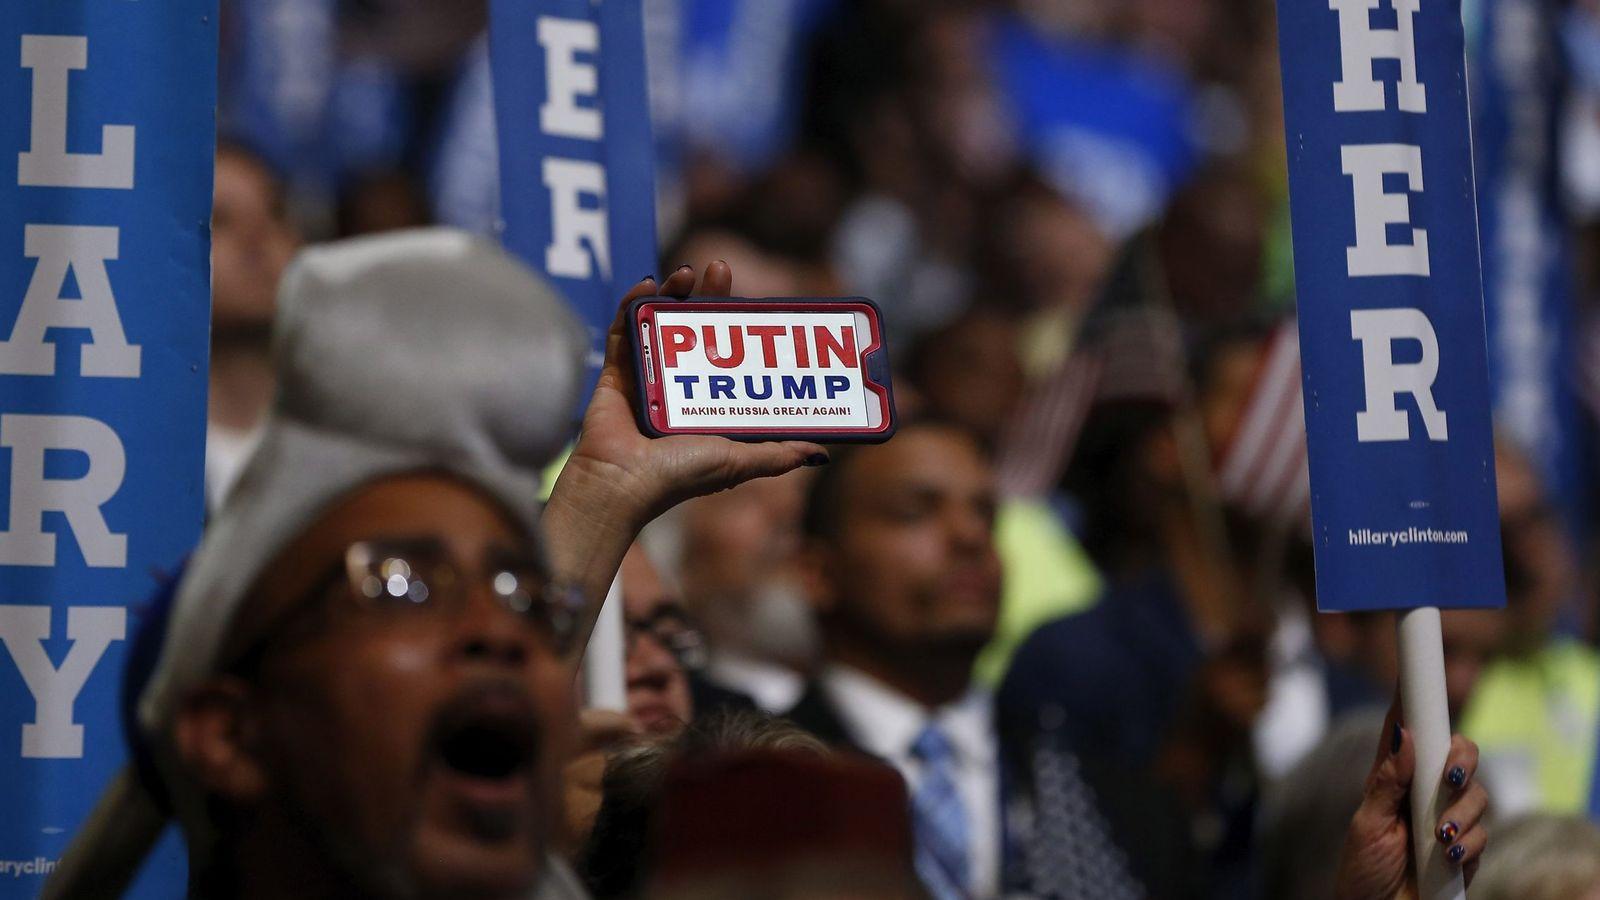 Foto: Un hombre muestra un teléfono en el que dice Putin-Trump, durante la convención demócrata en Filadelfia, en julio de 2016. (Reuters)